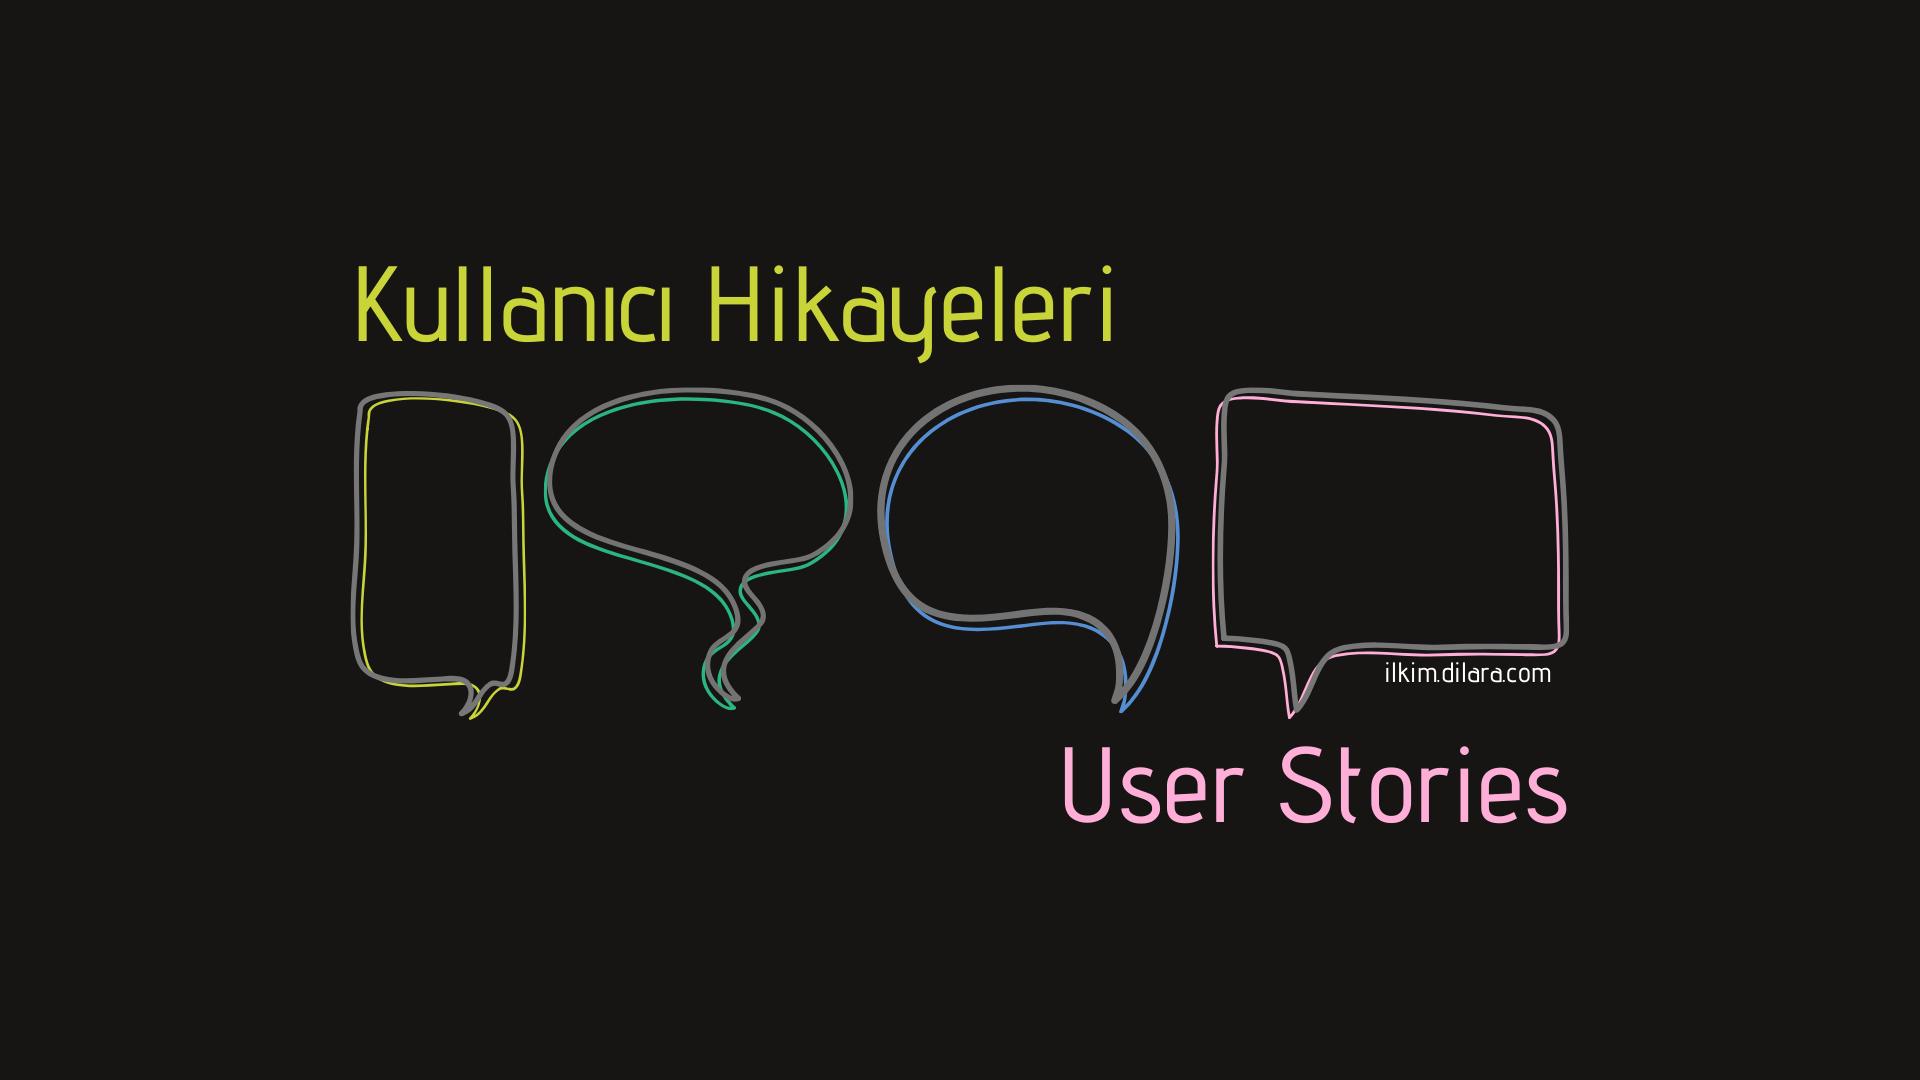 Kullanıcı Hikayeleri